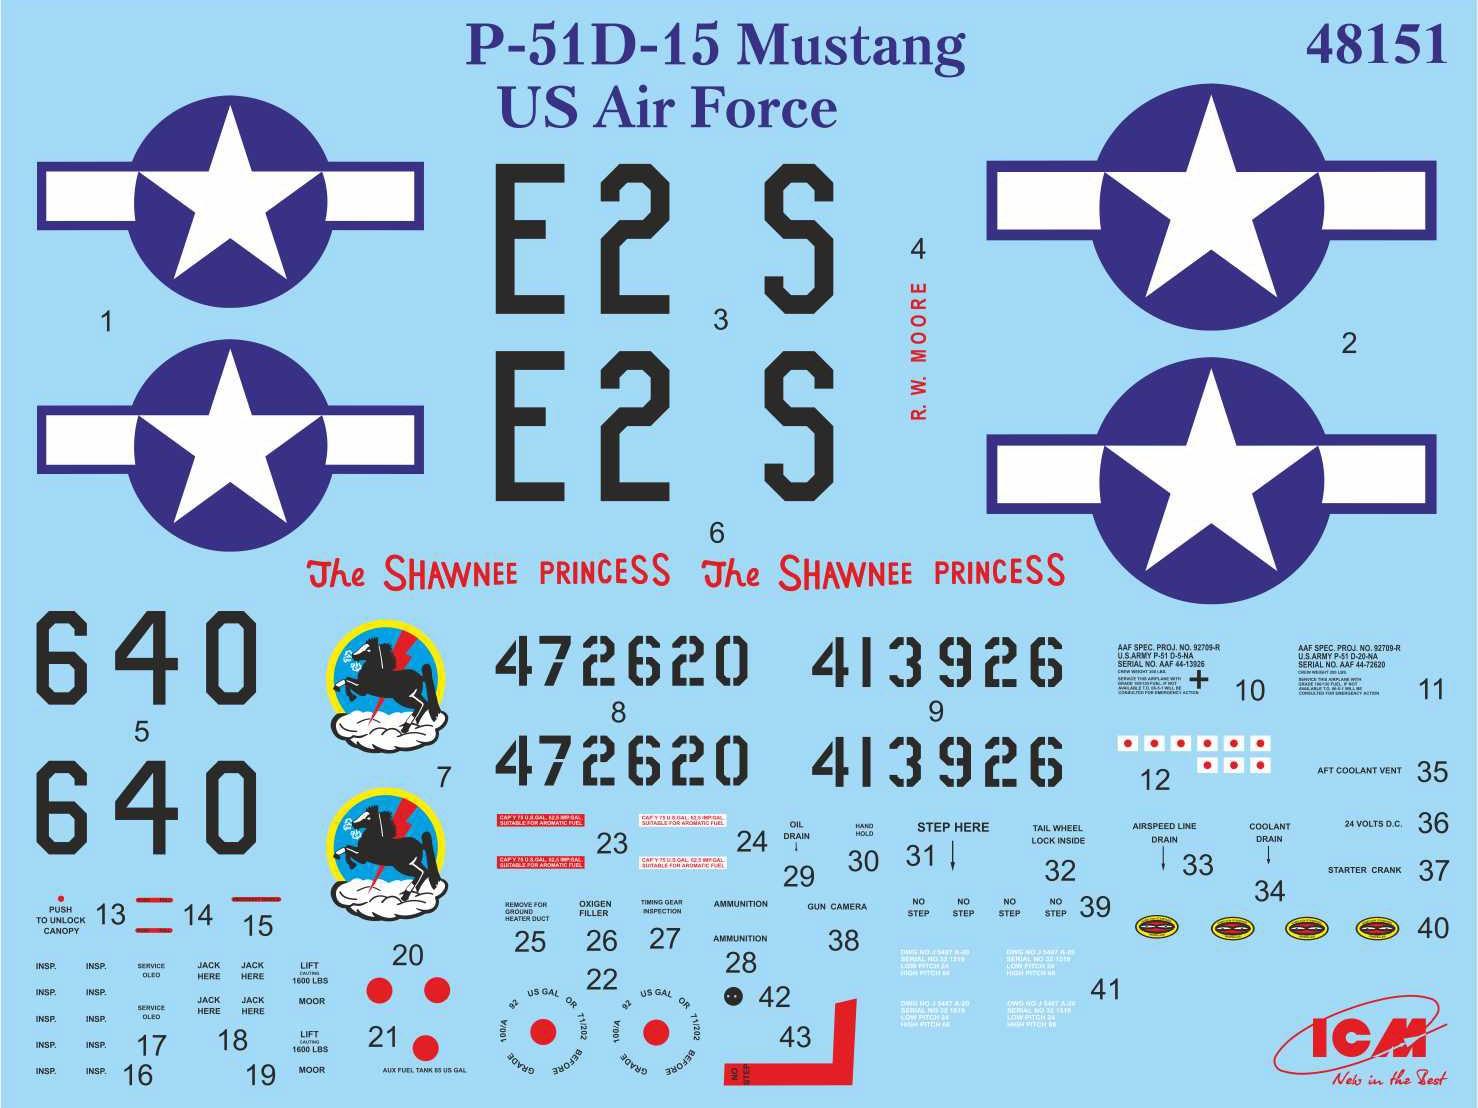 Mustang P-51D-15 -  1/48 - ICM 48151  - BLIMPS COMÉRCIO ELETRÔNICO